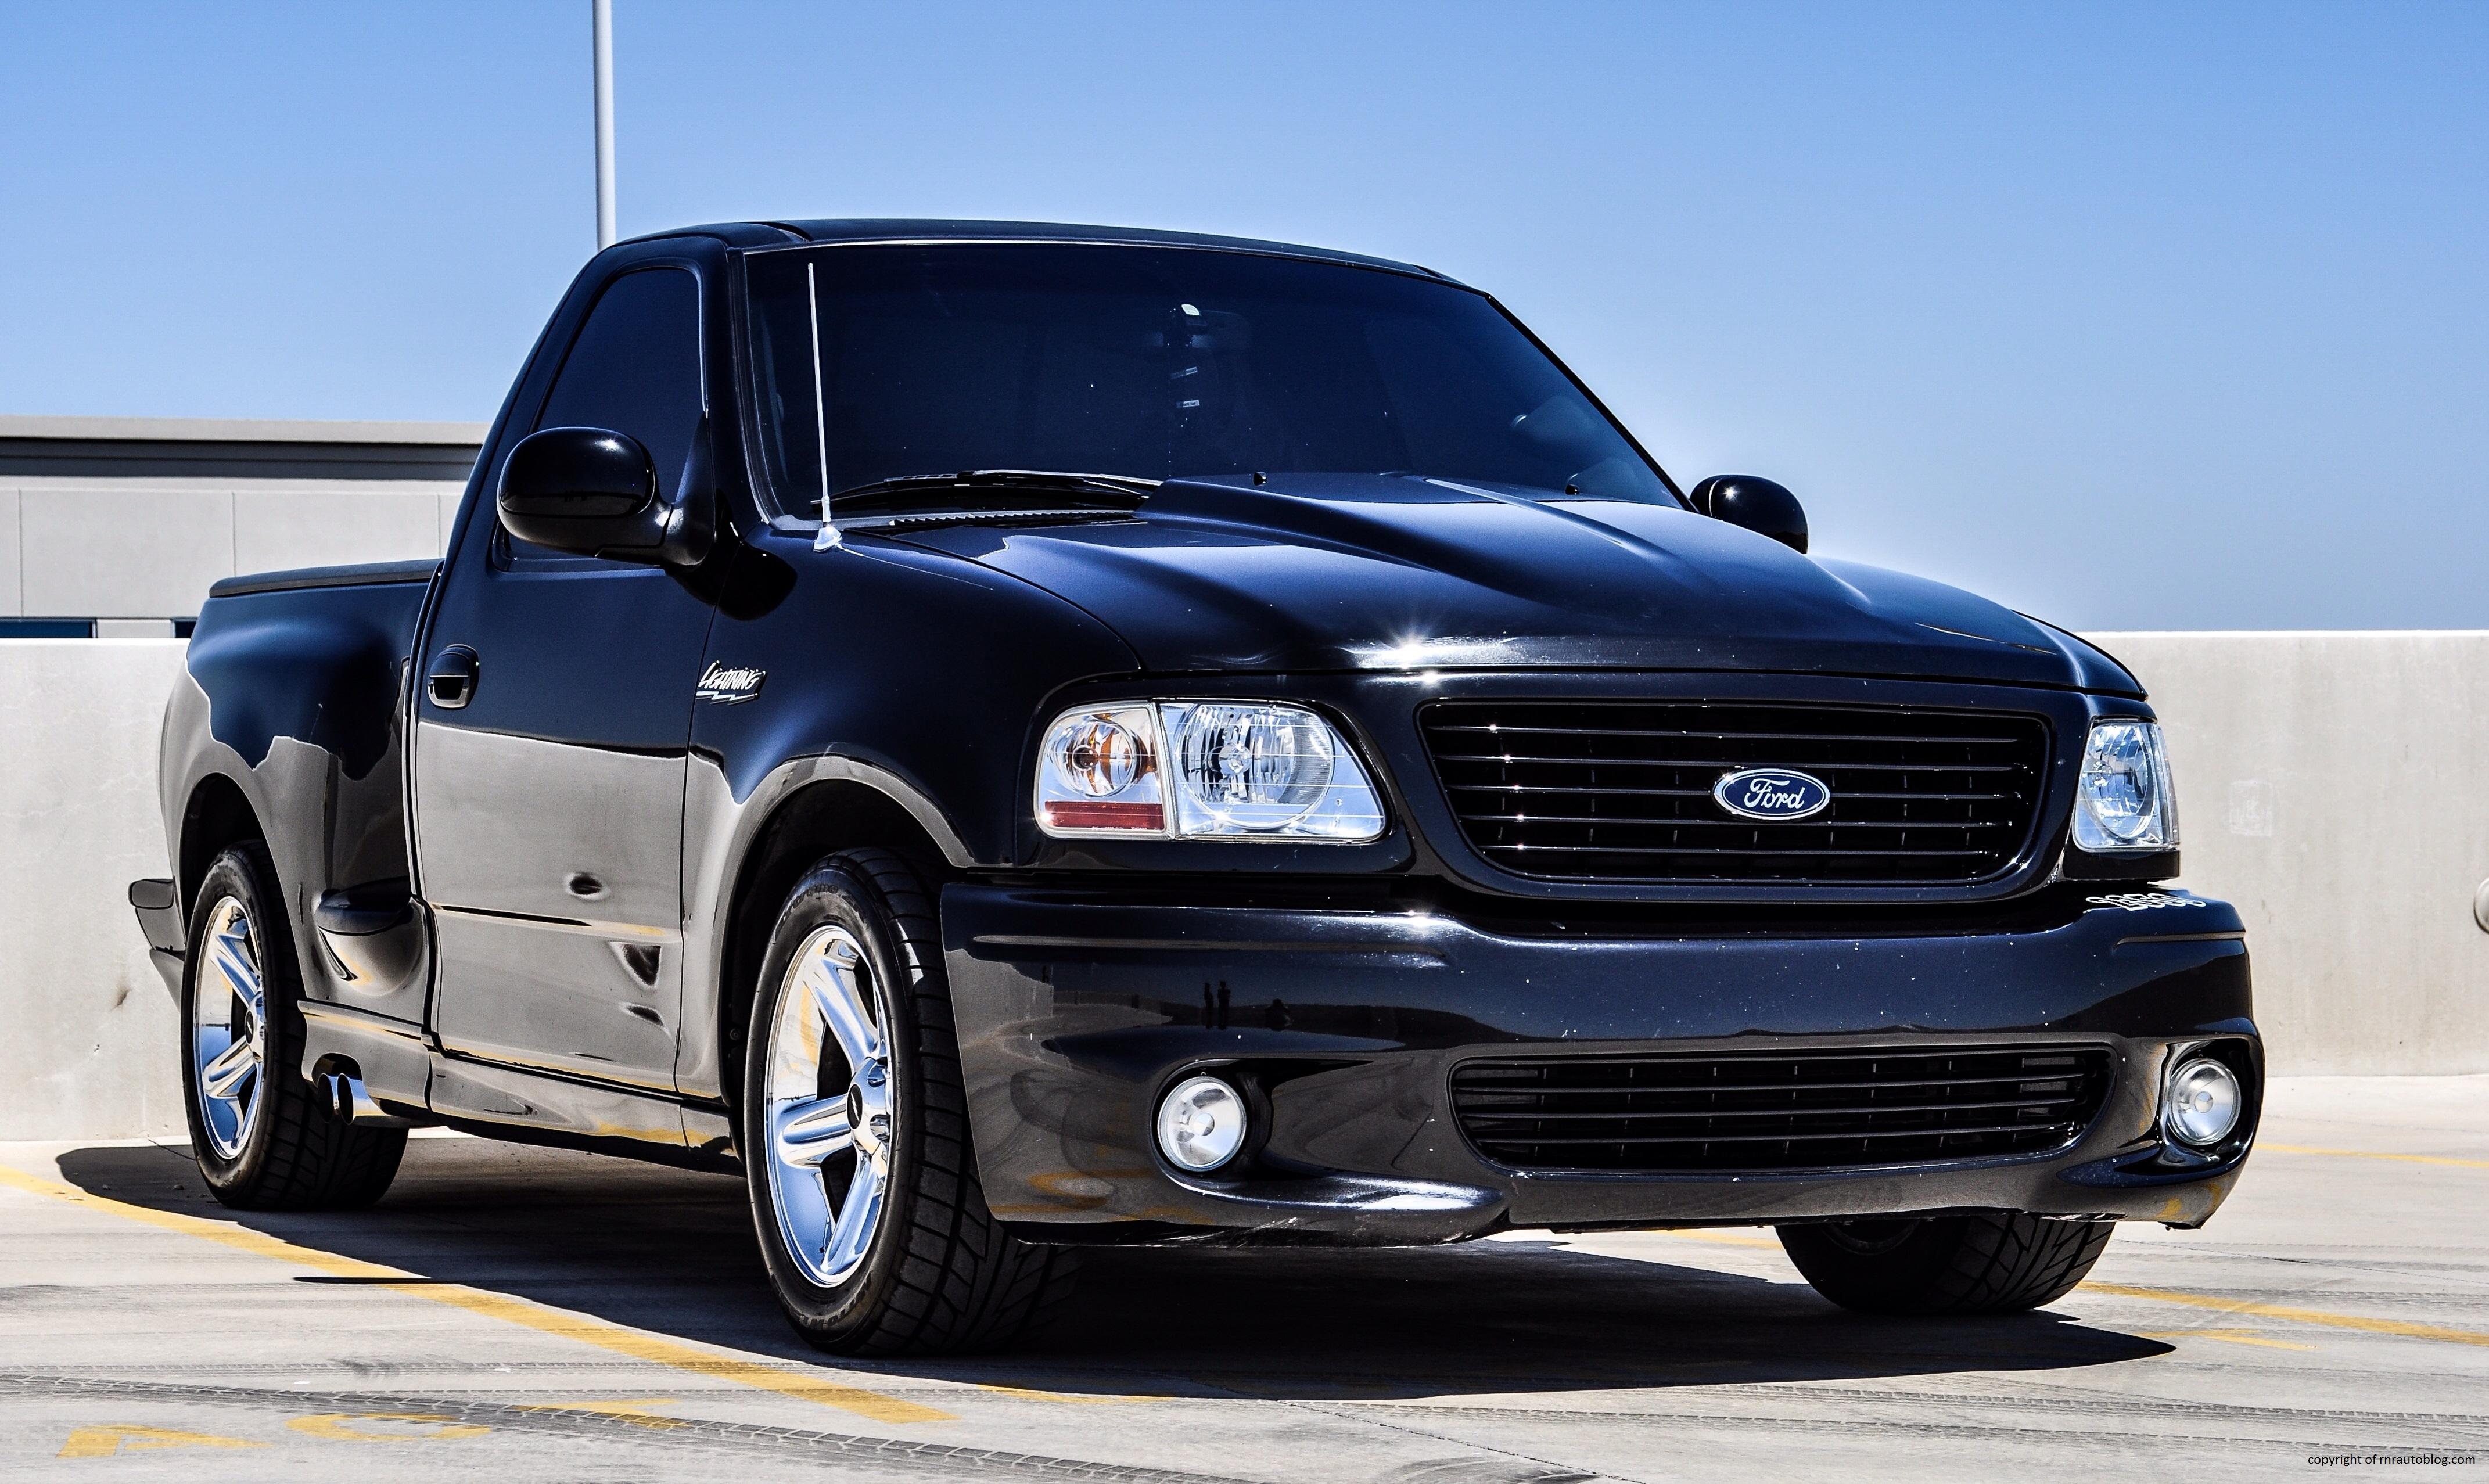 1999 ford f 150 svt lightning teaser rnr automotive blog. Black Bedroom Furniture Sets. Home Design Ideas